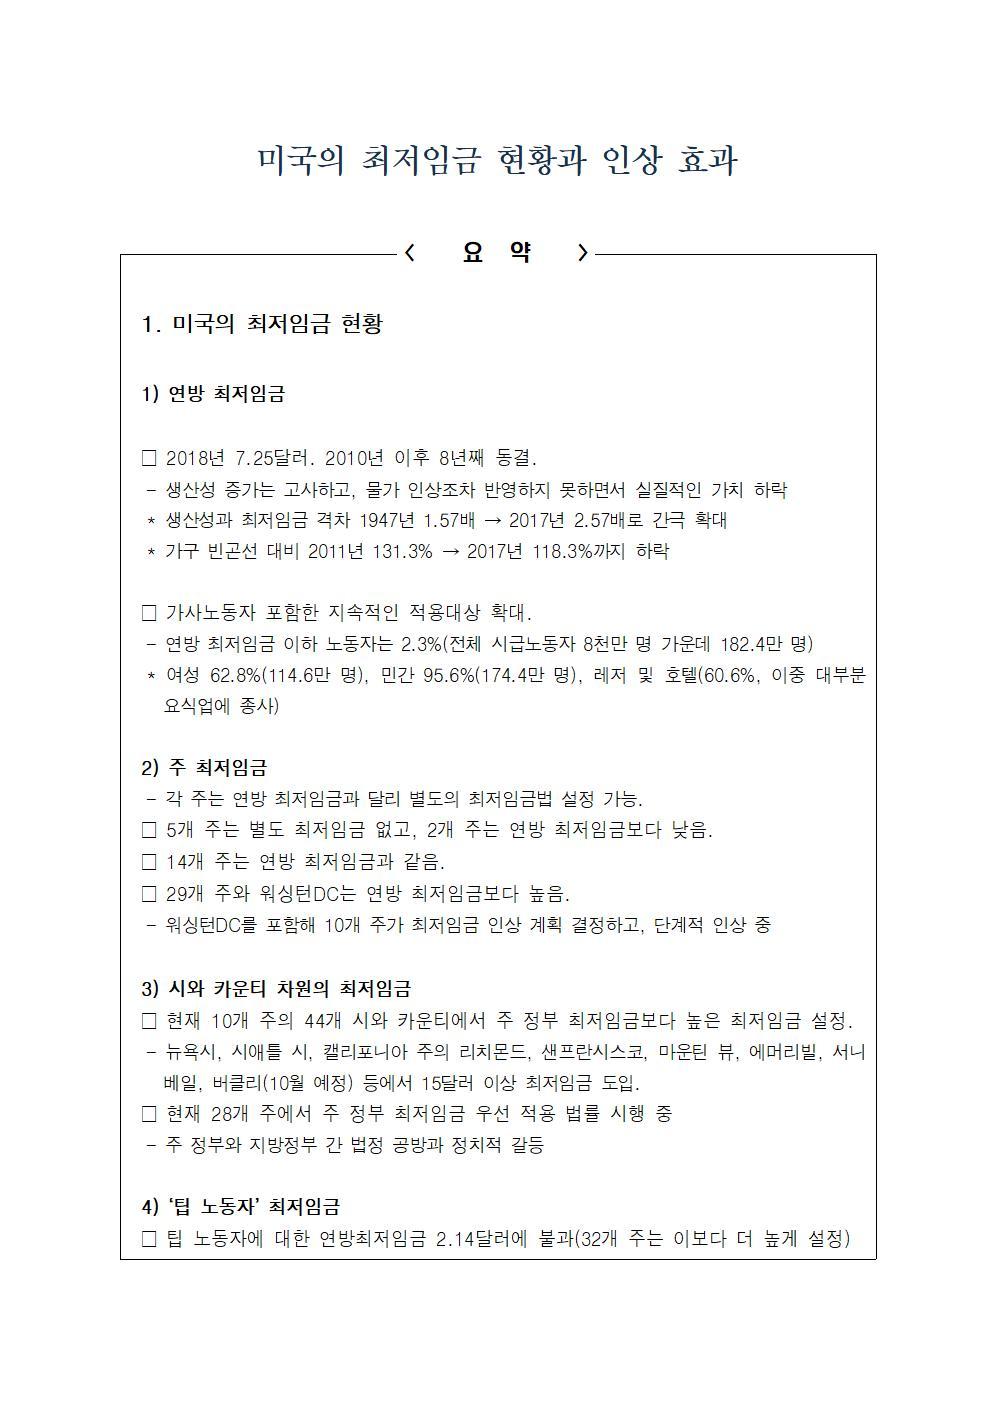 [민주노총정책보고서]미국_최저임금_현황_인상_효과(이재훈)(표지)002.jpg